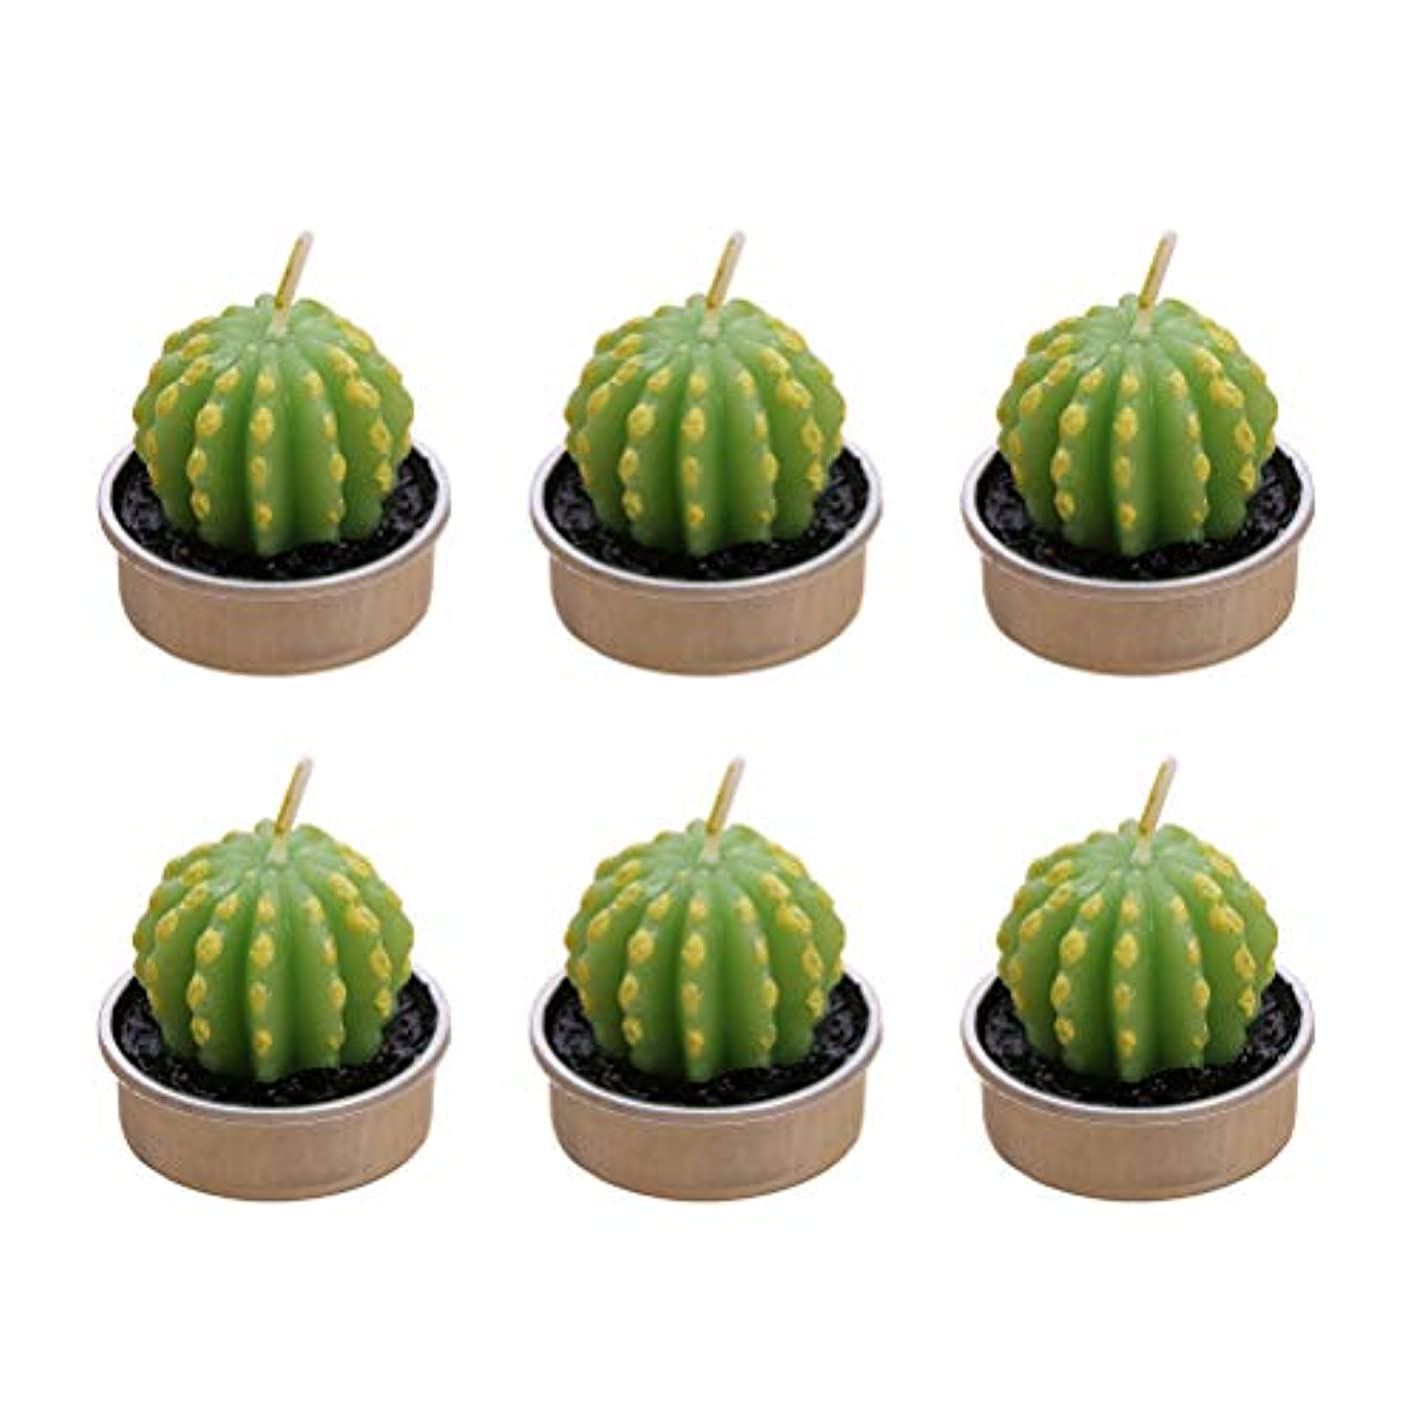 上サラダ魅惑するBESTONZON 12ピースサボテンキャンドルティーライト用ガーデンホームパーティーウェディングデコレーションギフト